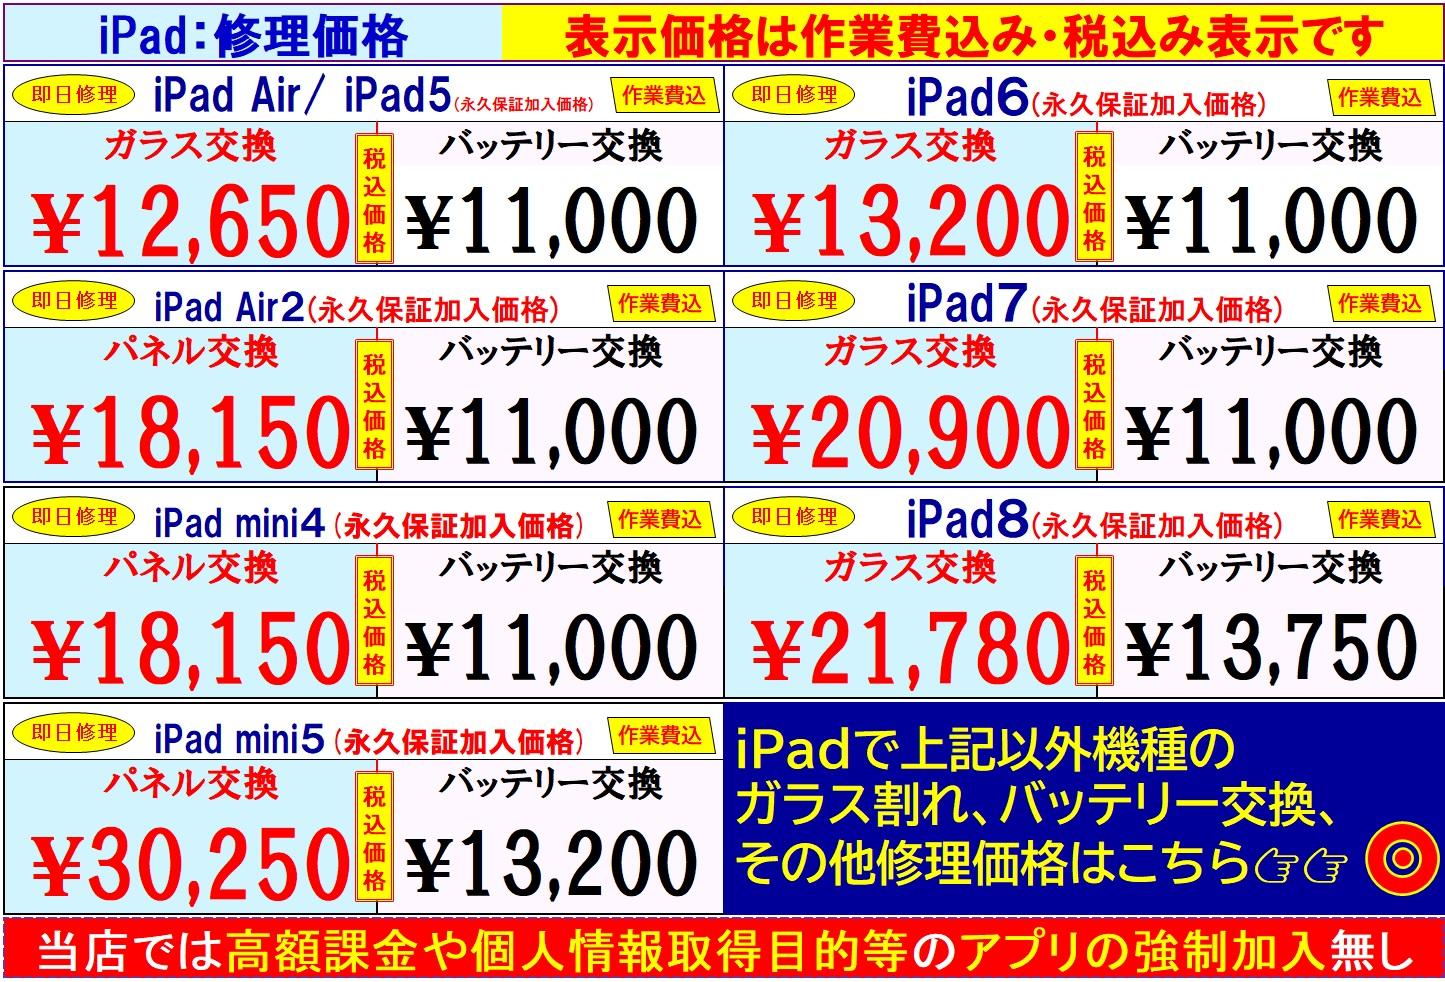 北浦和 フレンドイオン北浦和 iPad修理価格表